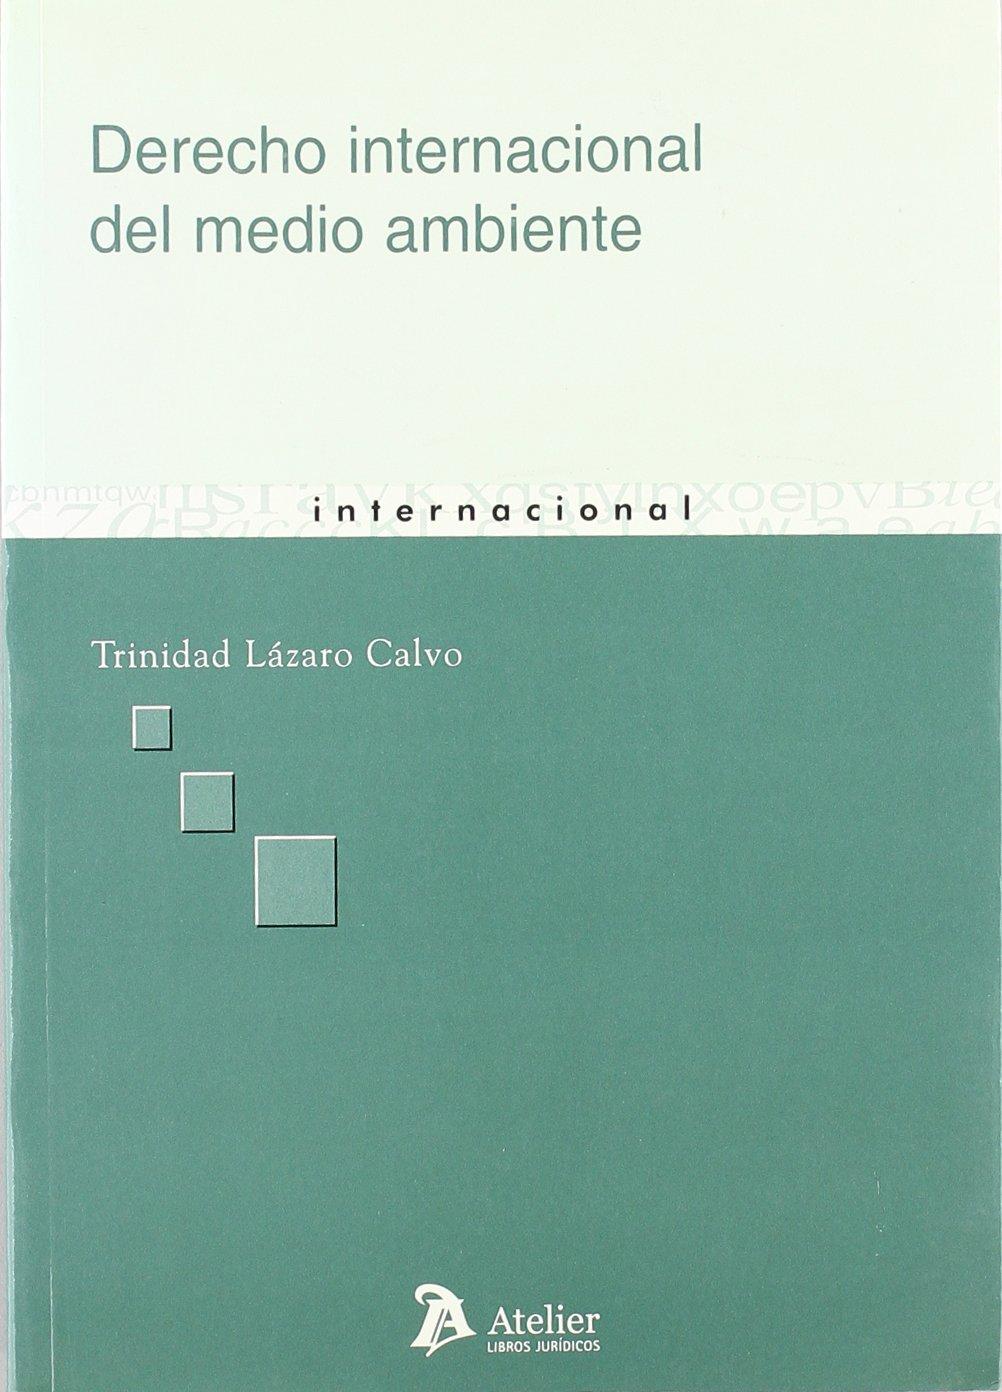 Derecho internacional del medio ambiente. pdf